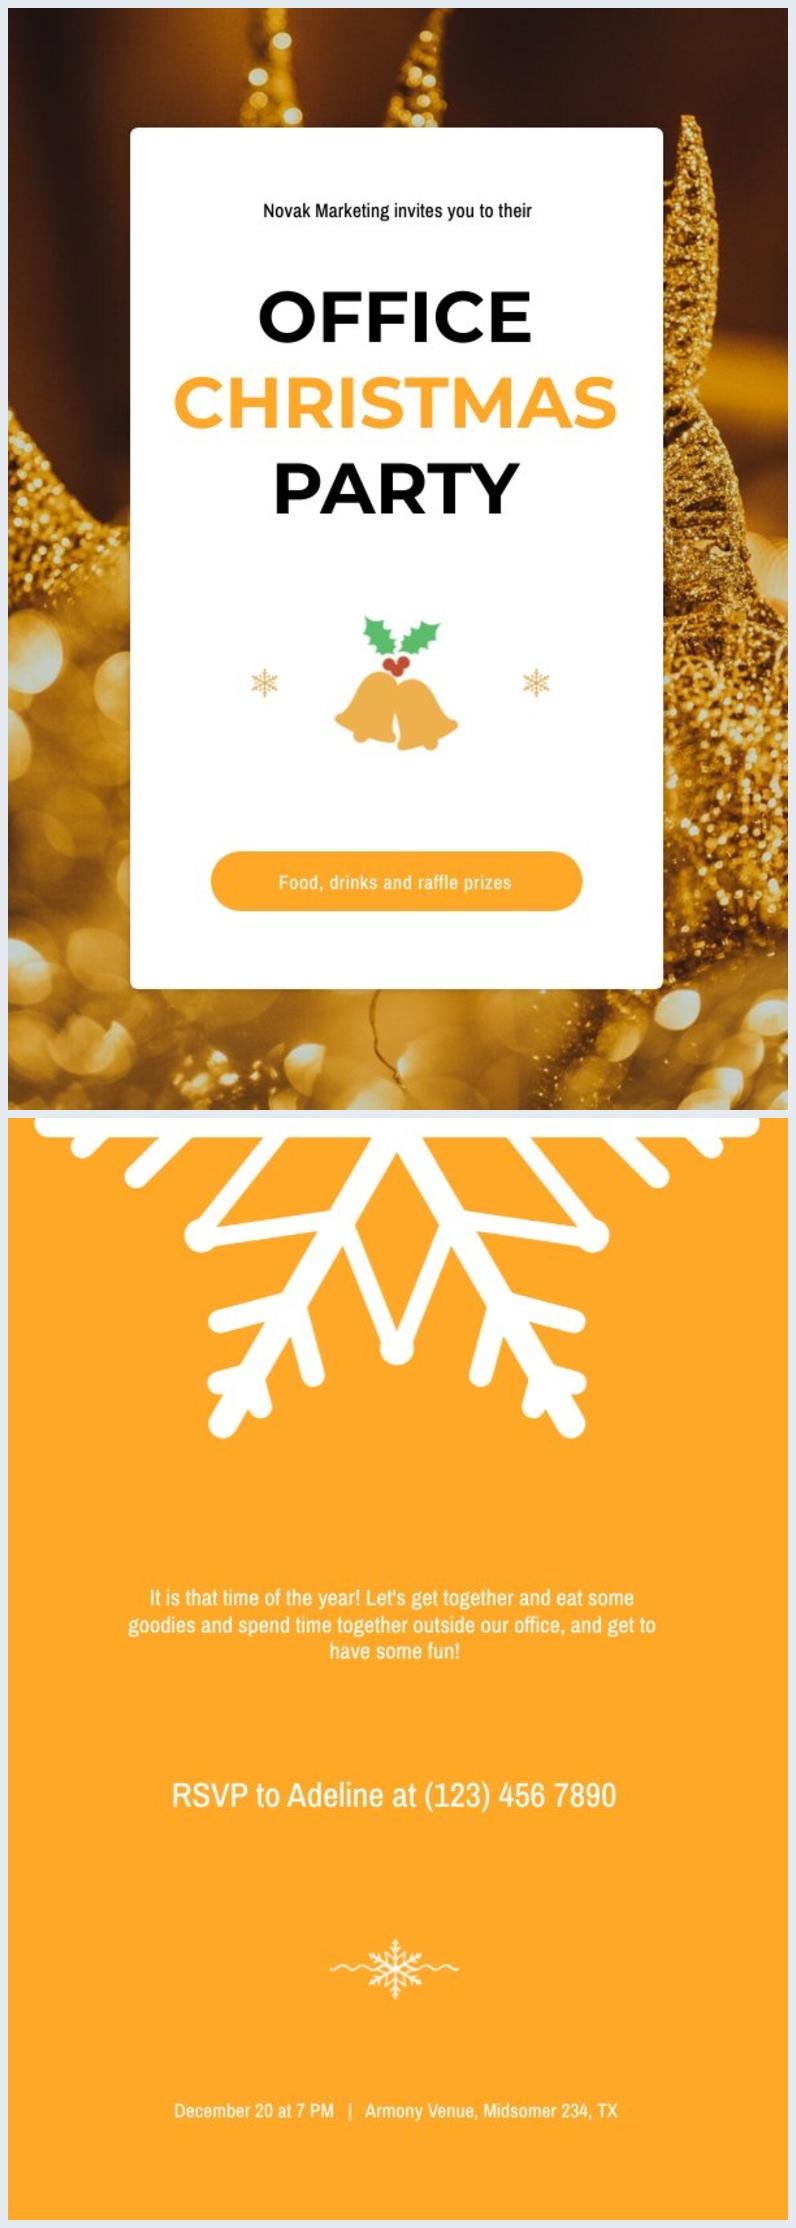 Modèle d'invitation de fête de Noël de bureau